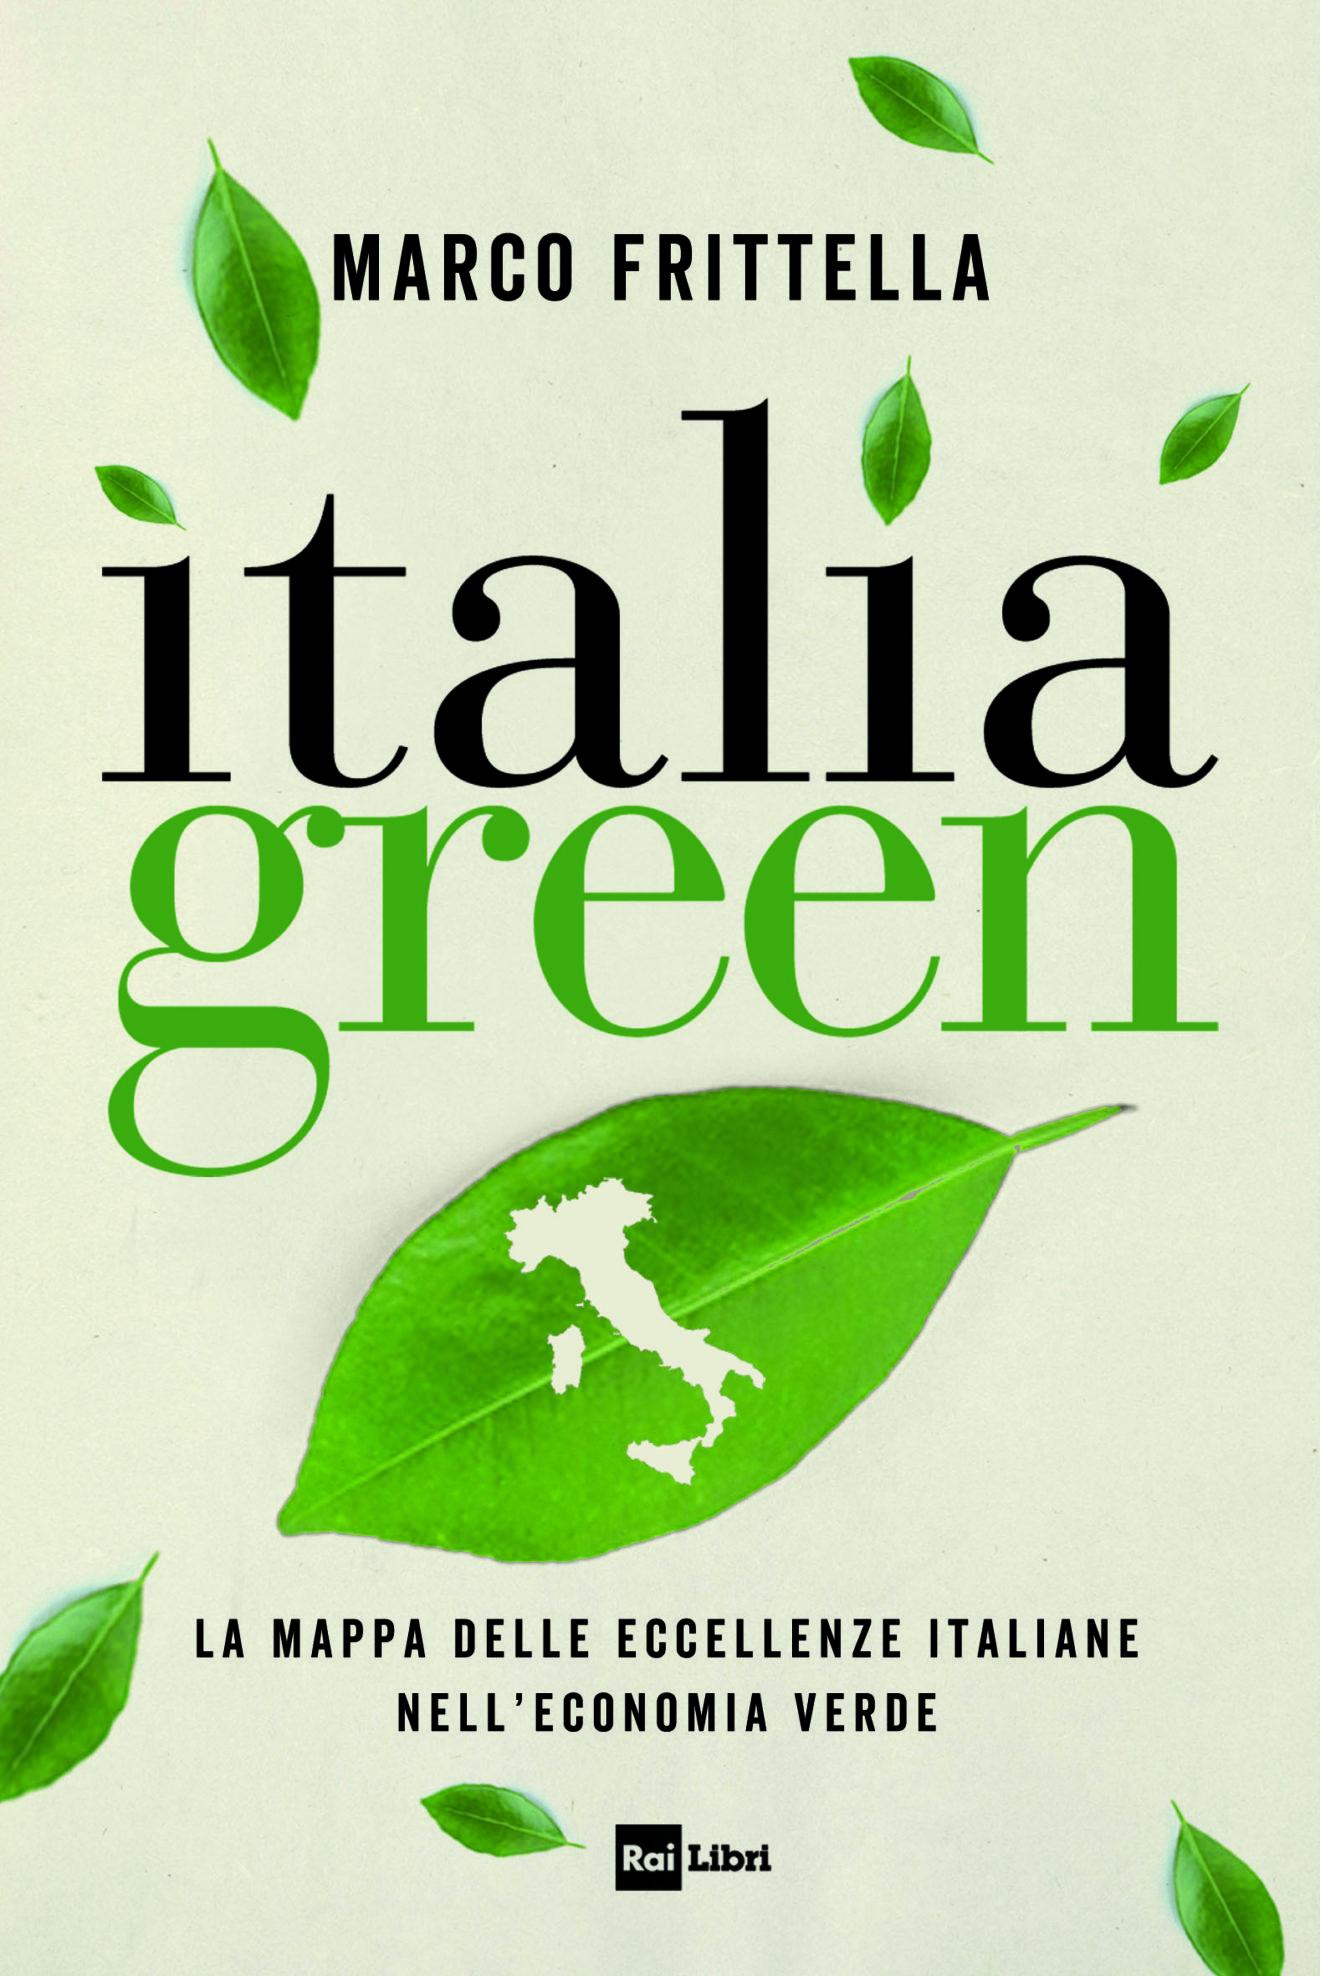 Italia green un libro che mappa le eccellenze italiane nell'economia verde